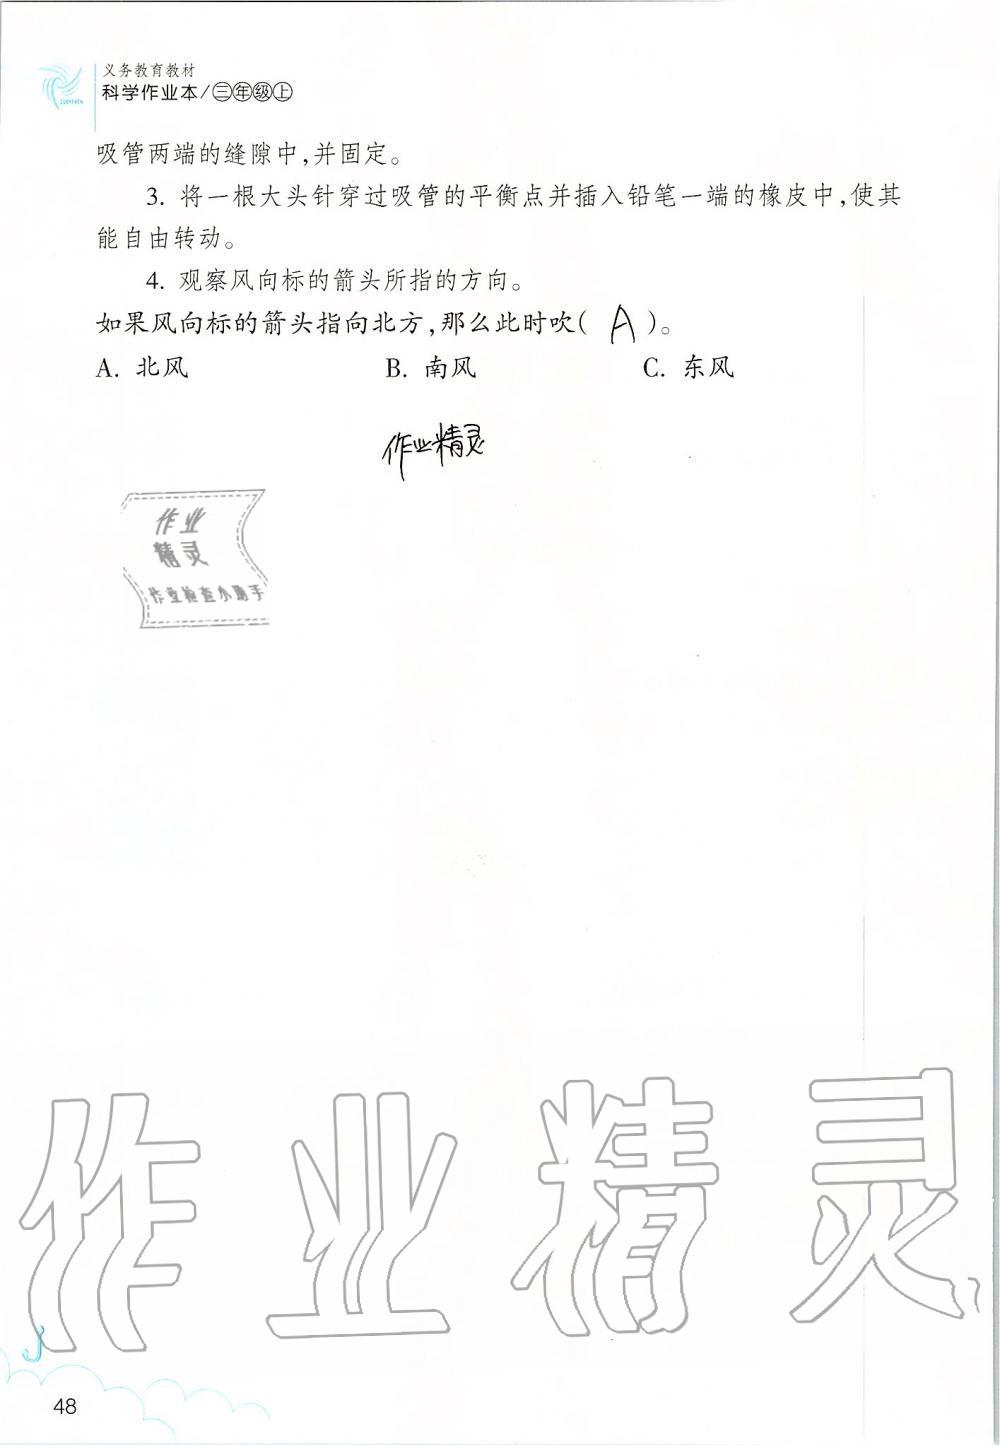 2019年科学作业本三年级上册教科版浙江教育出版社第48页